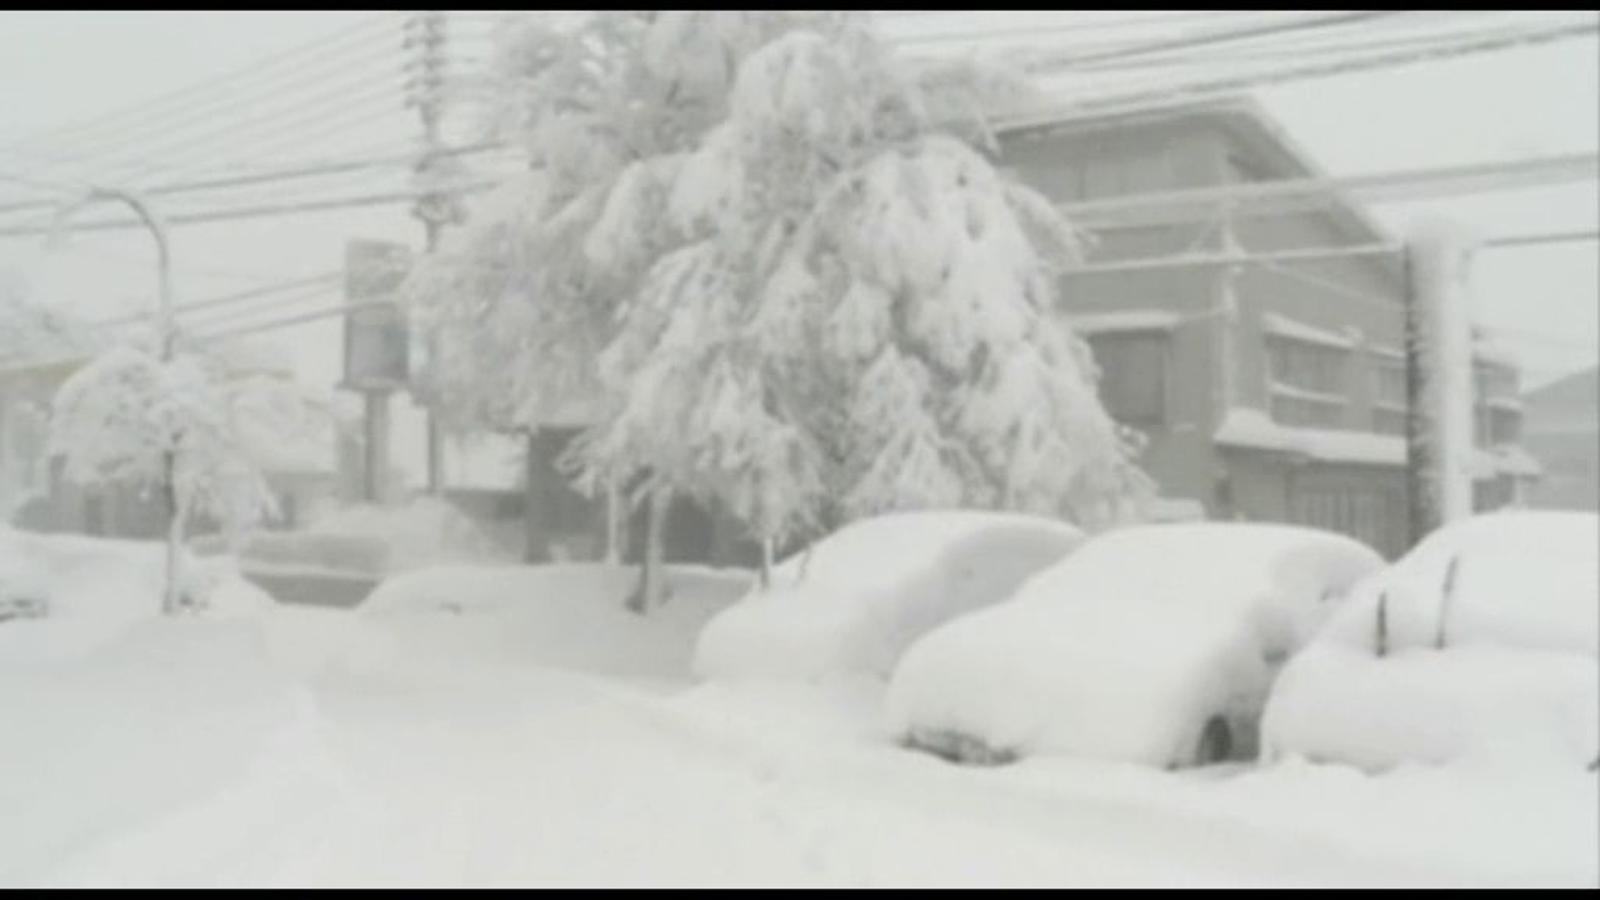 Gruixos de neu de més de 40 centímetres cobreixen el Japó